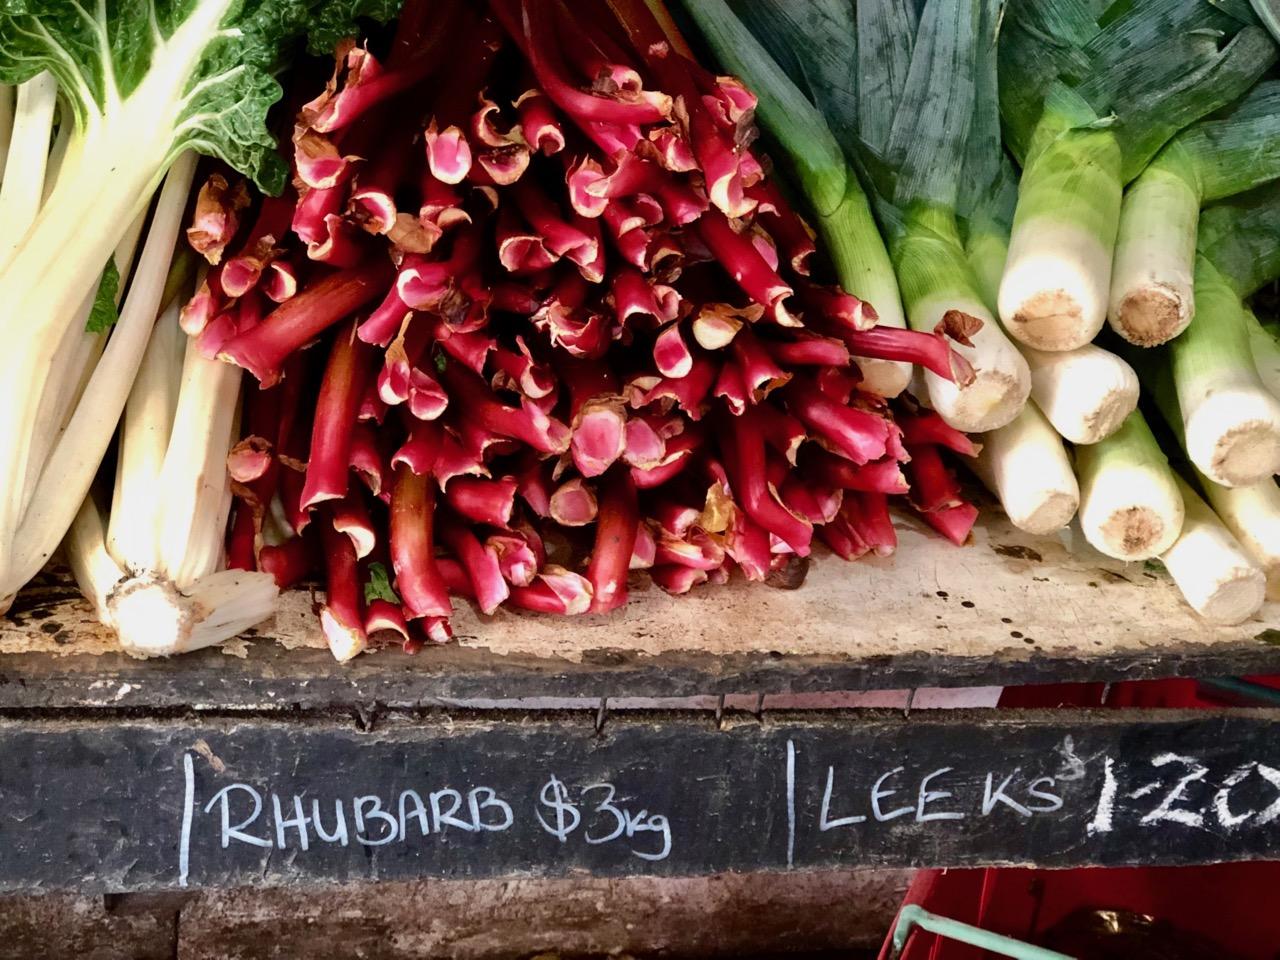 rhubarb and leeks